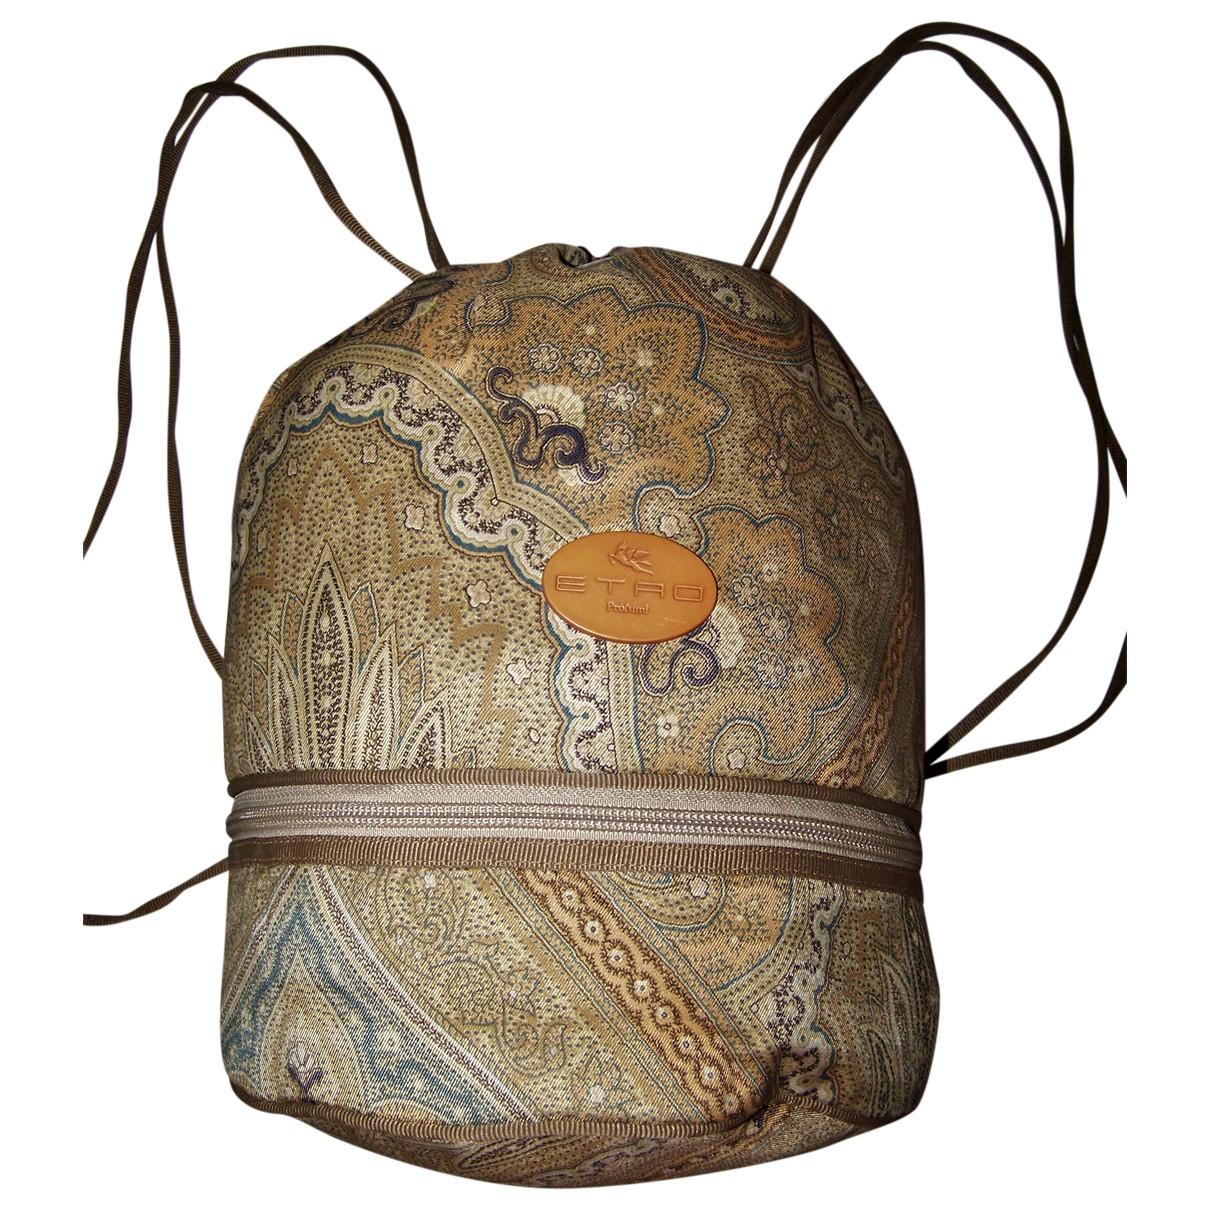 Etro N Beige Cloth handbag for Women N